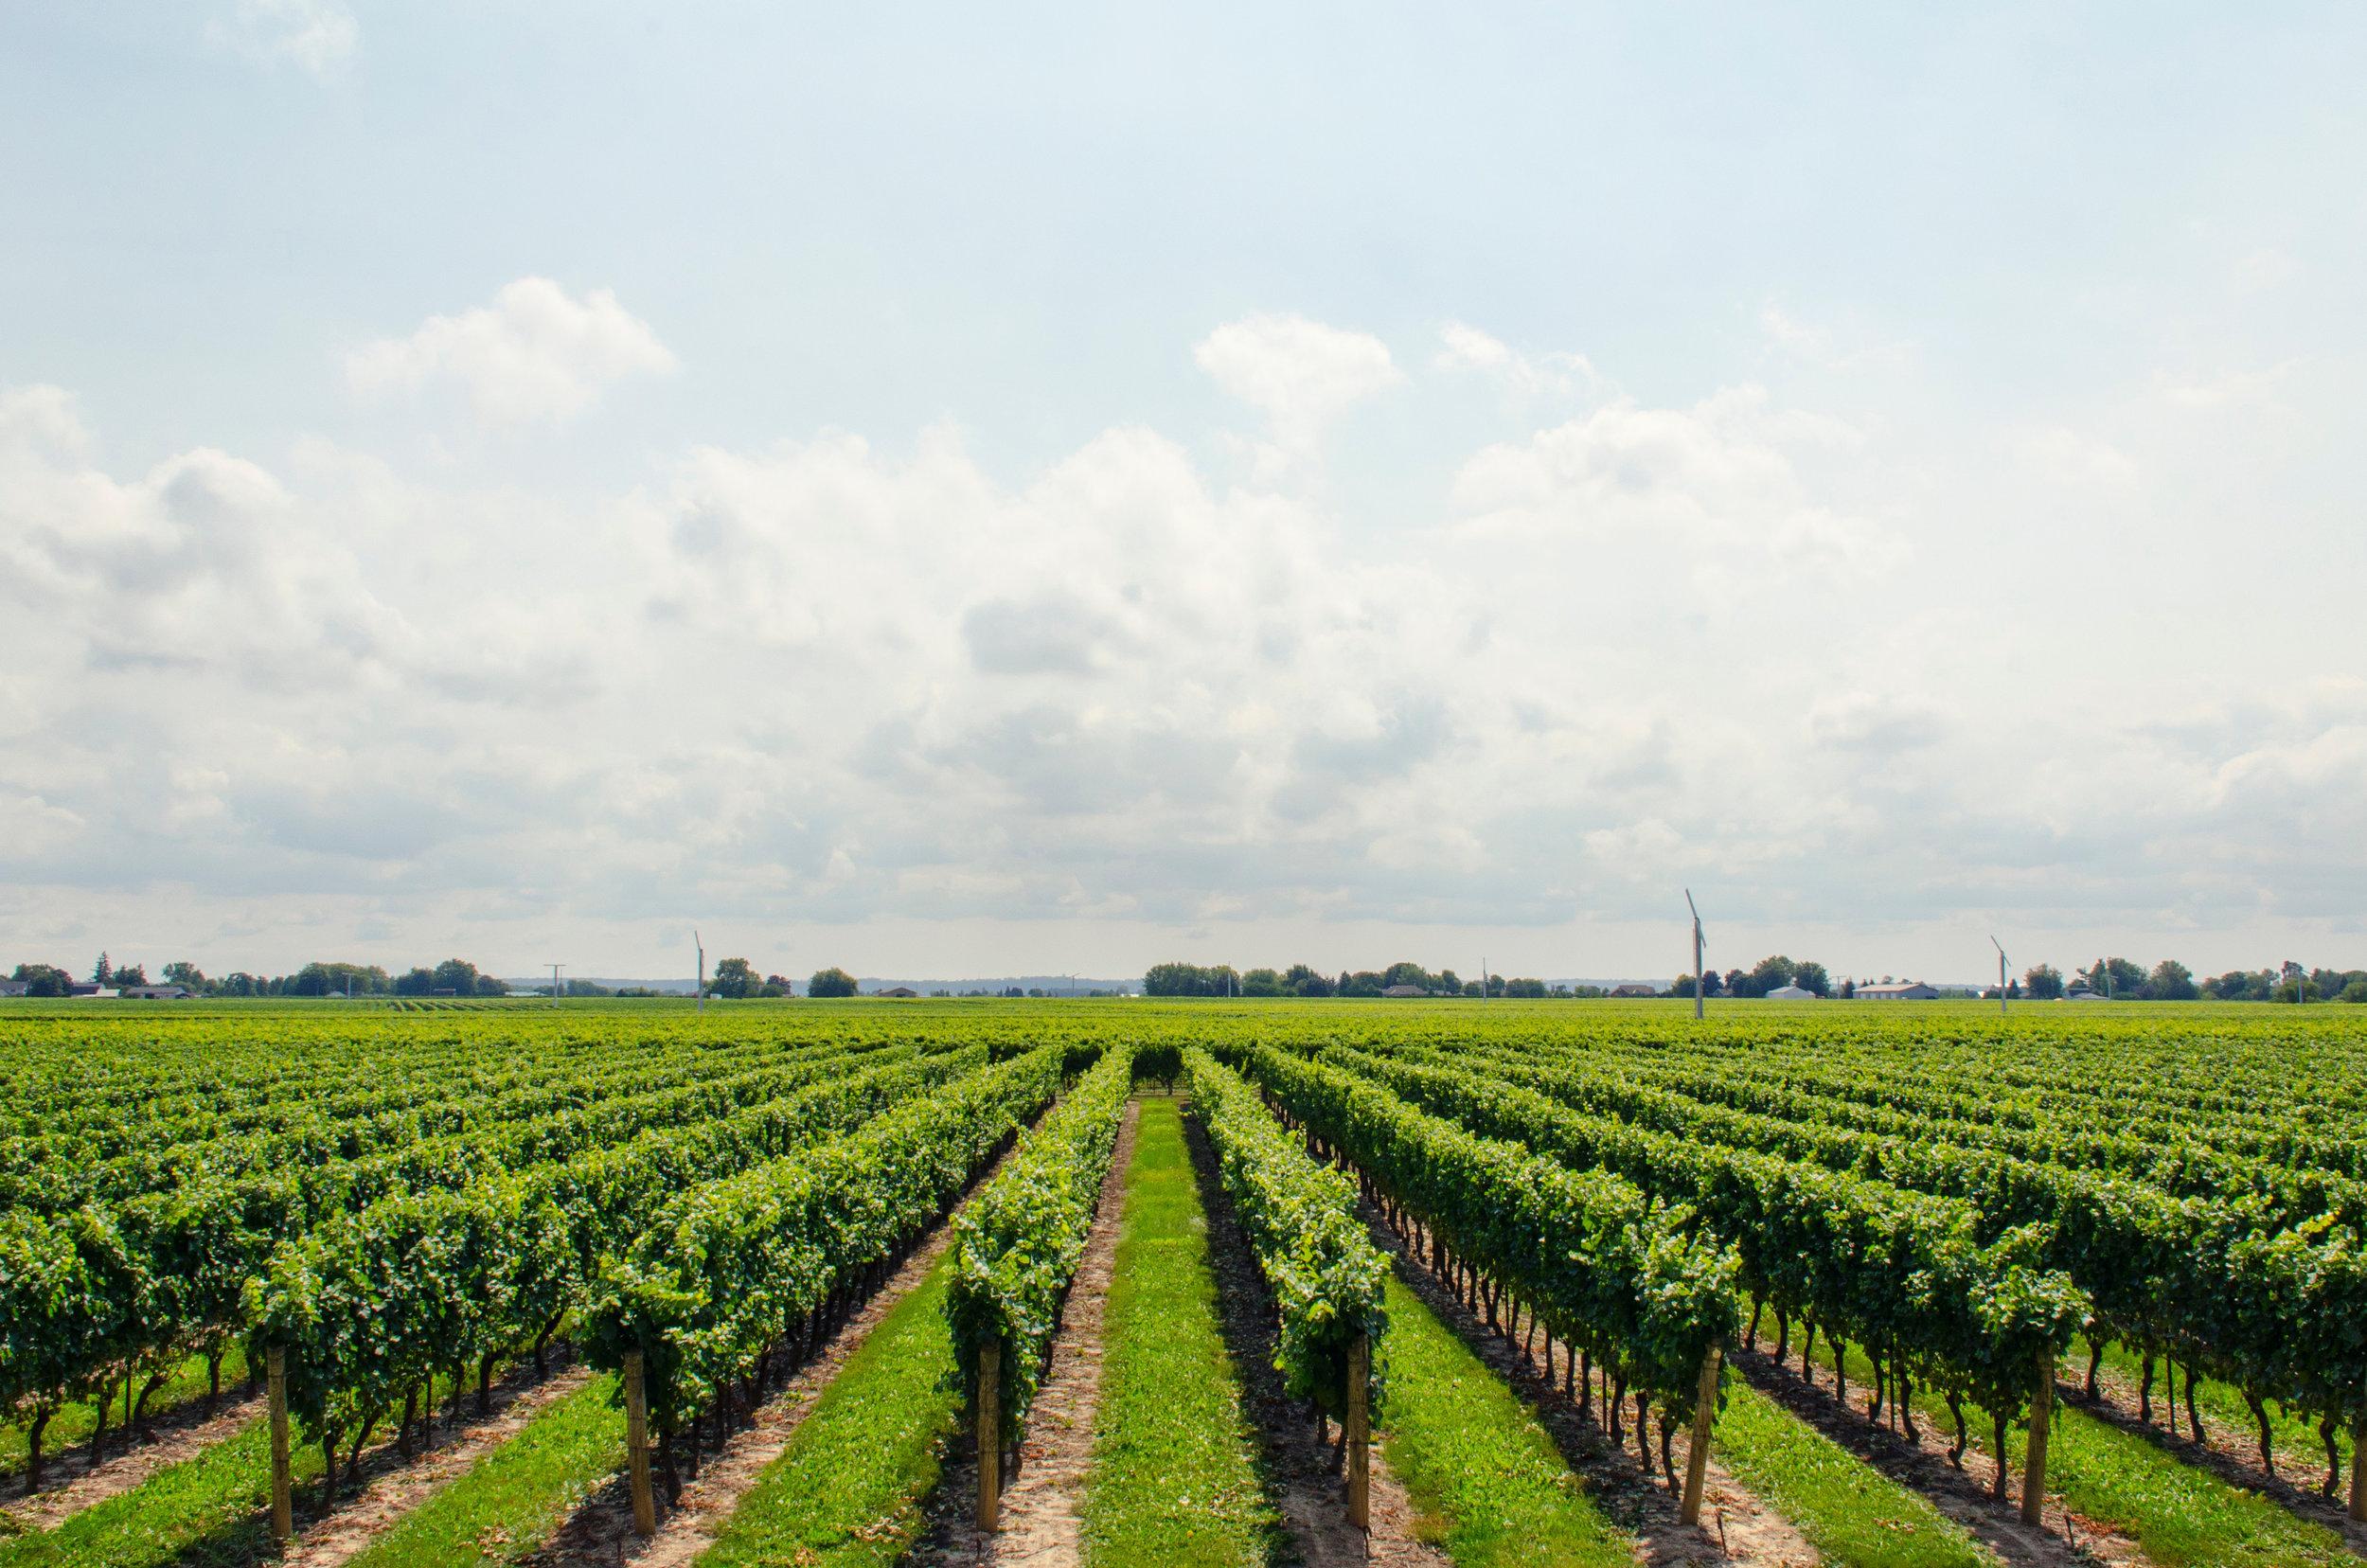 clouds-farm-grapes-21393.jpg